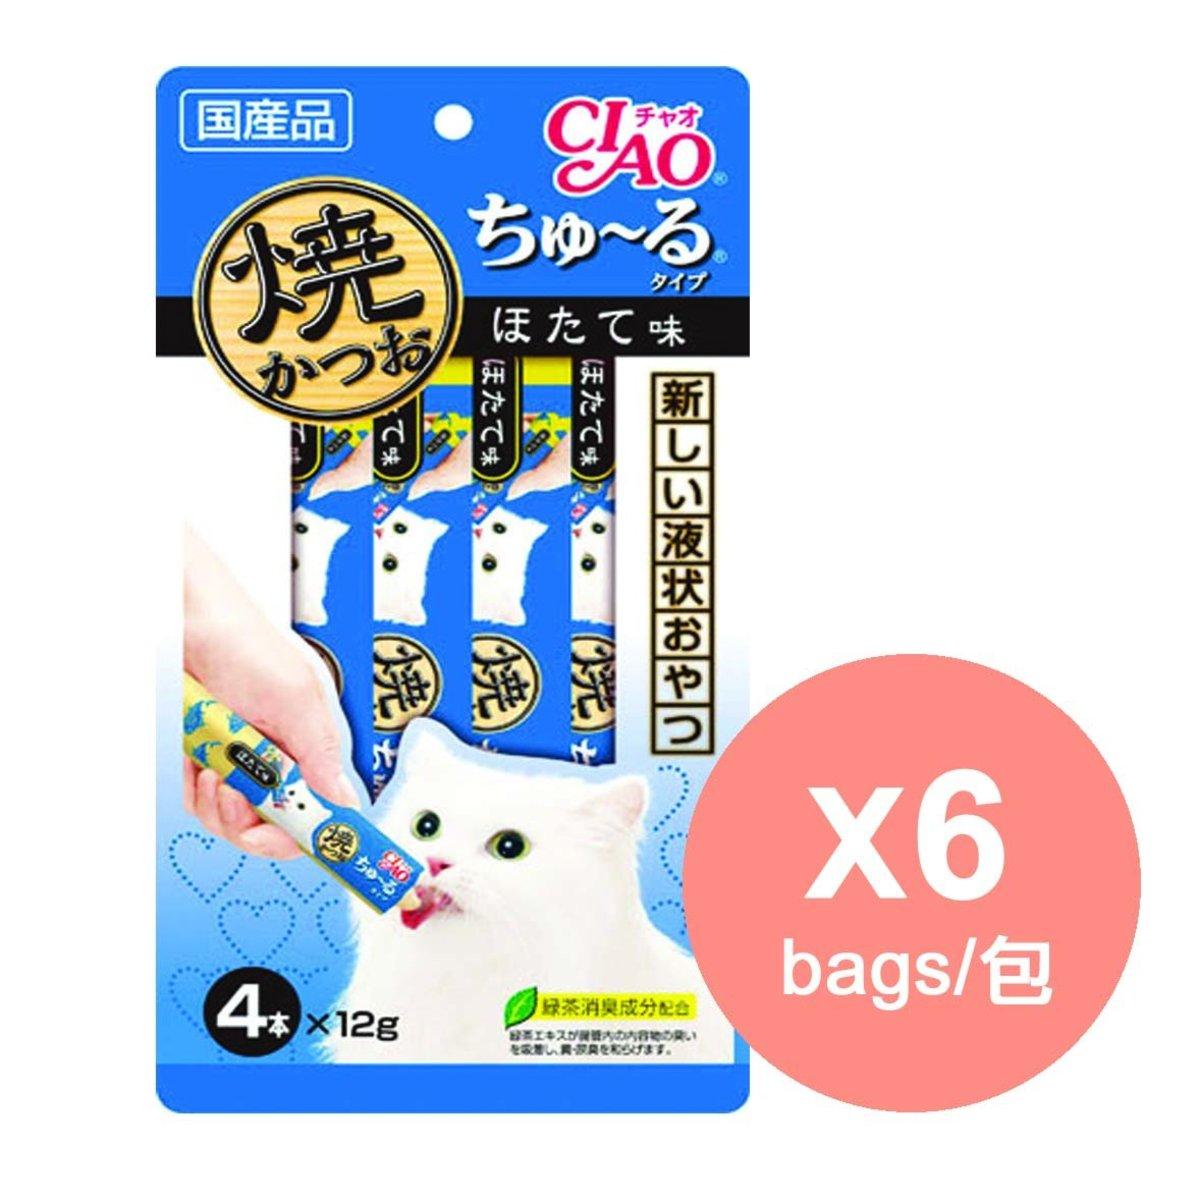 Churu Skipjack puree - scallop flavor 4R-105 x6